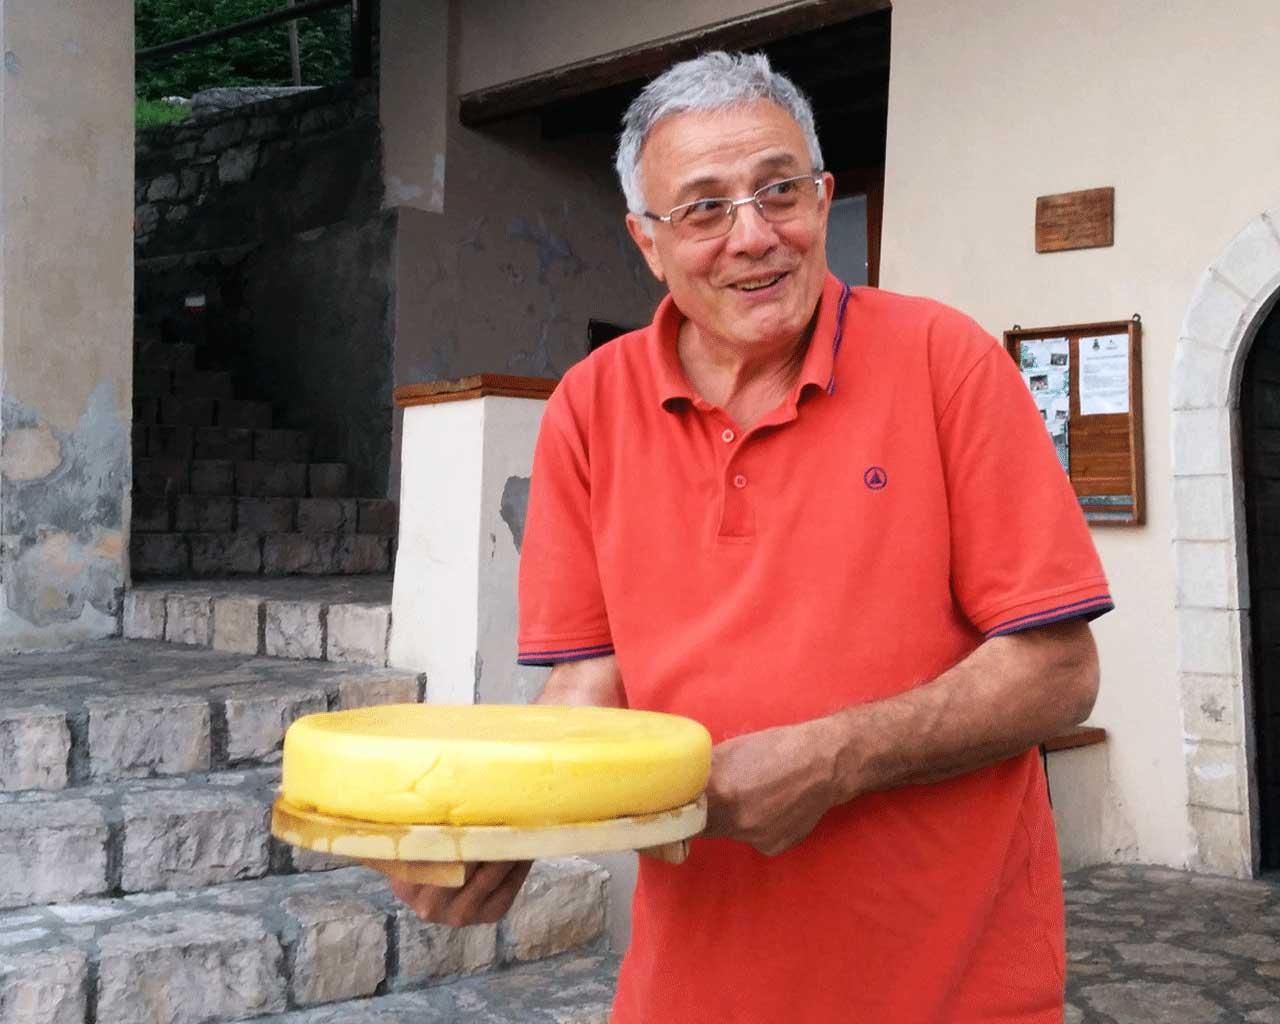 Il volontario Gianpietro pronto a servire la polenta